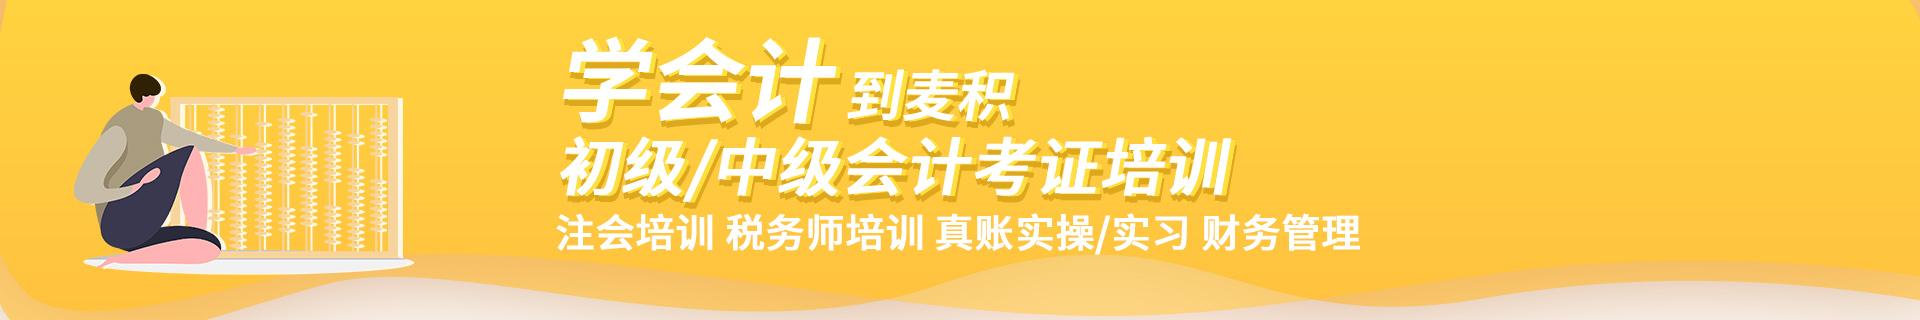 重庆万州区麦积会计培训机构